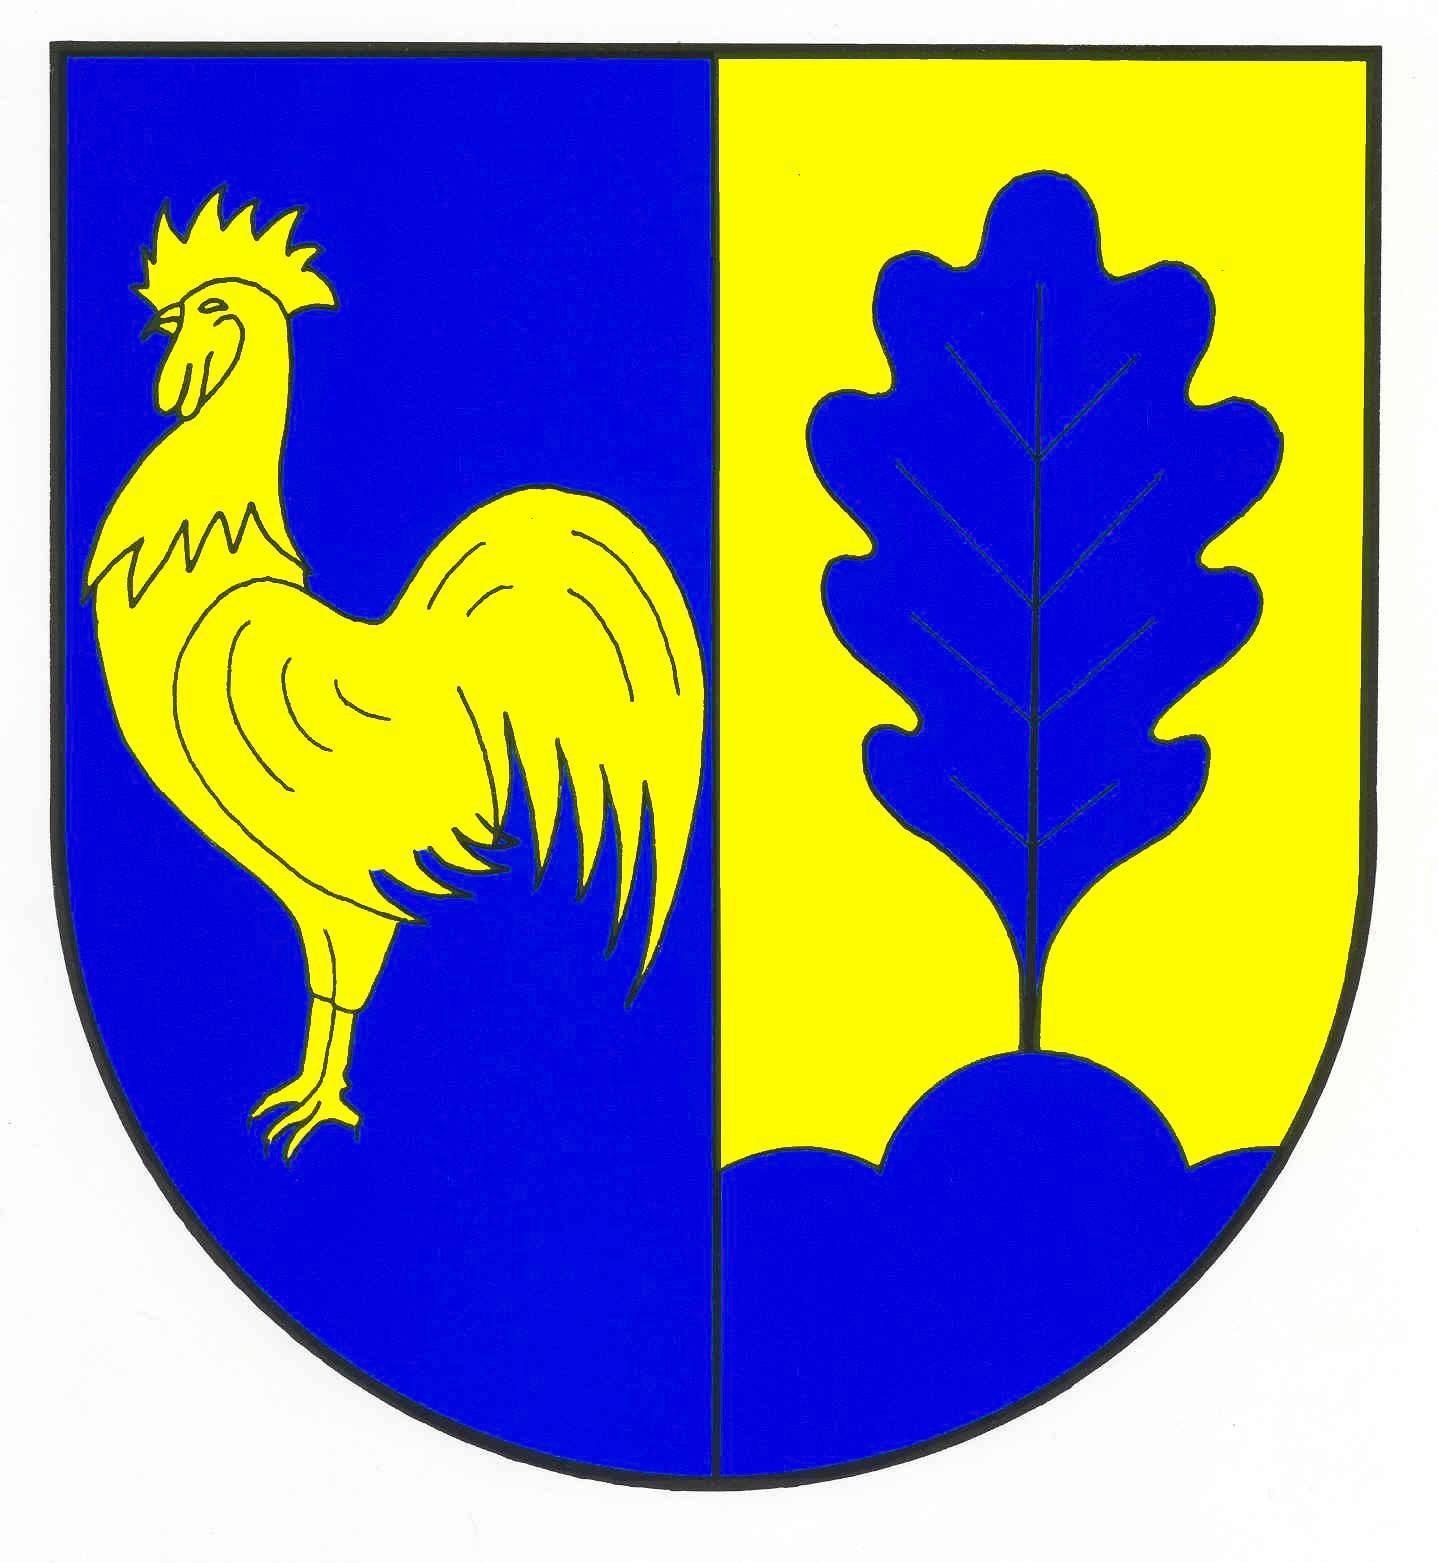 Wappen GemeindeHohn, Kreis Rendsburg-Eckernförde